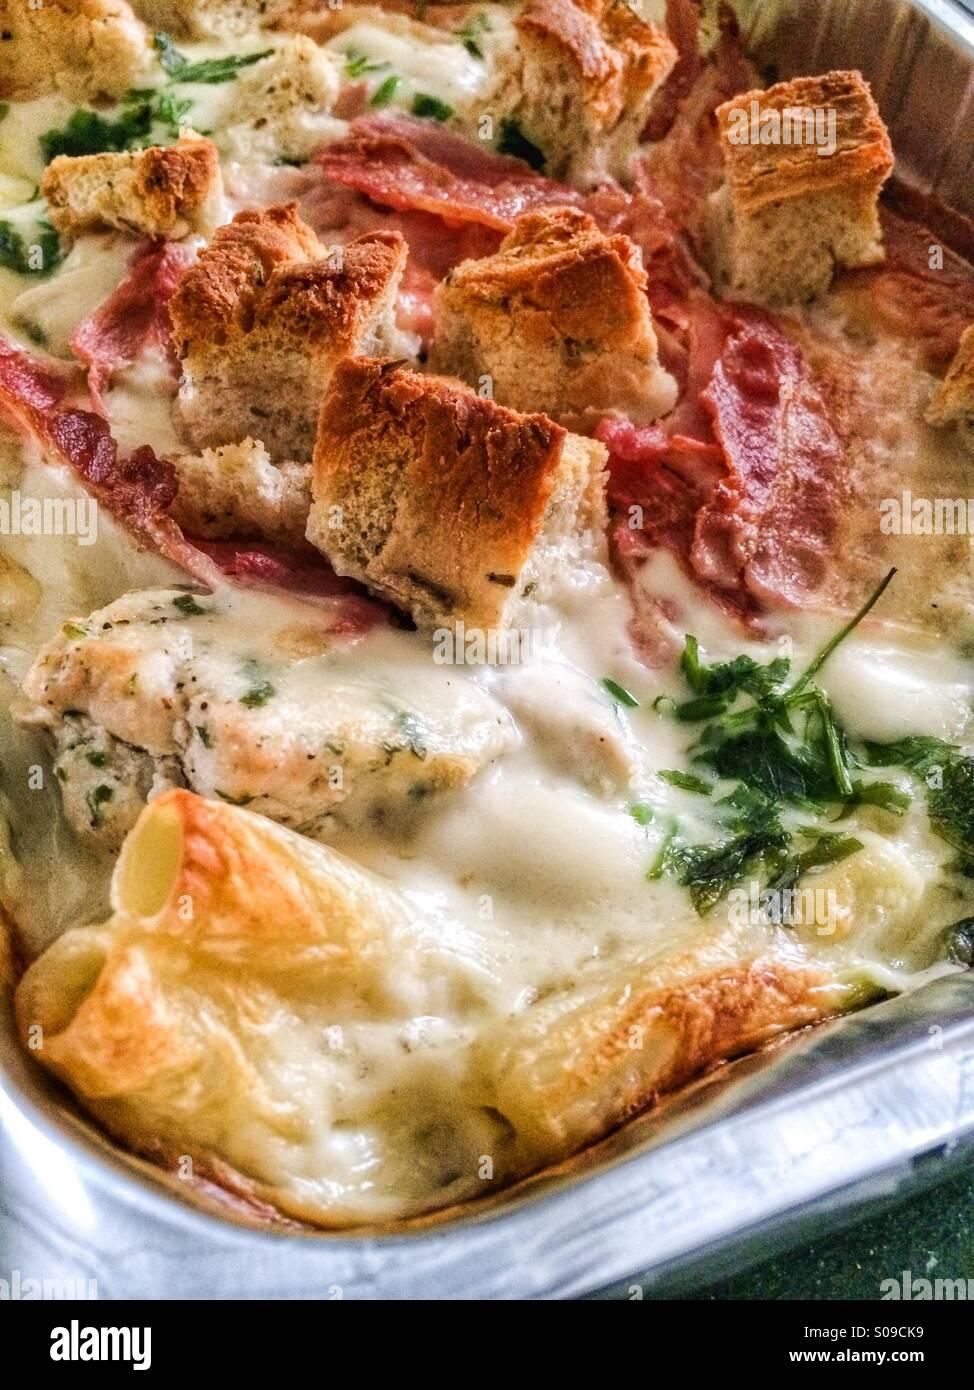 Faire cuire les pâtes au poulet et bacon surmontée de romarin et pain focaccia Photo Stock